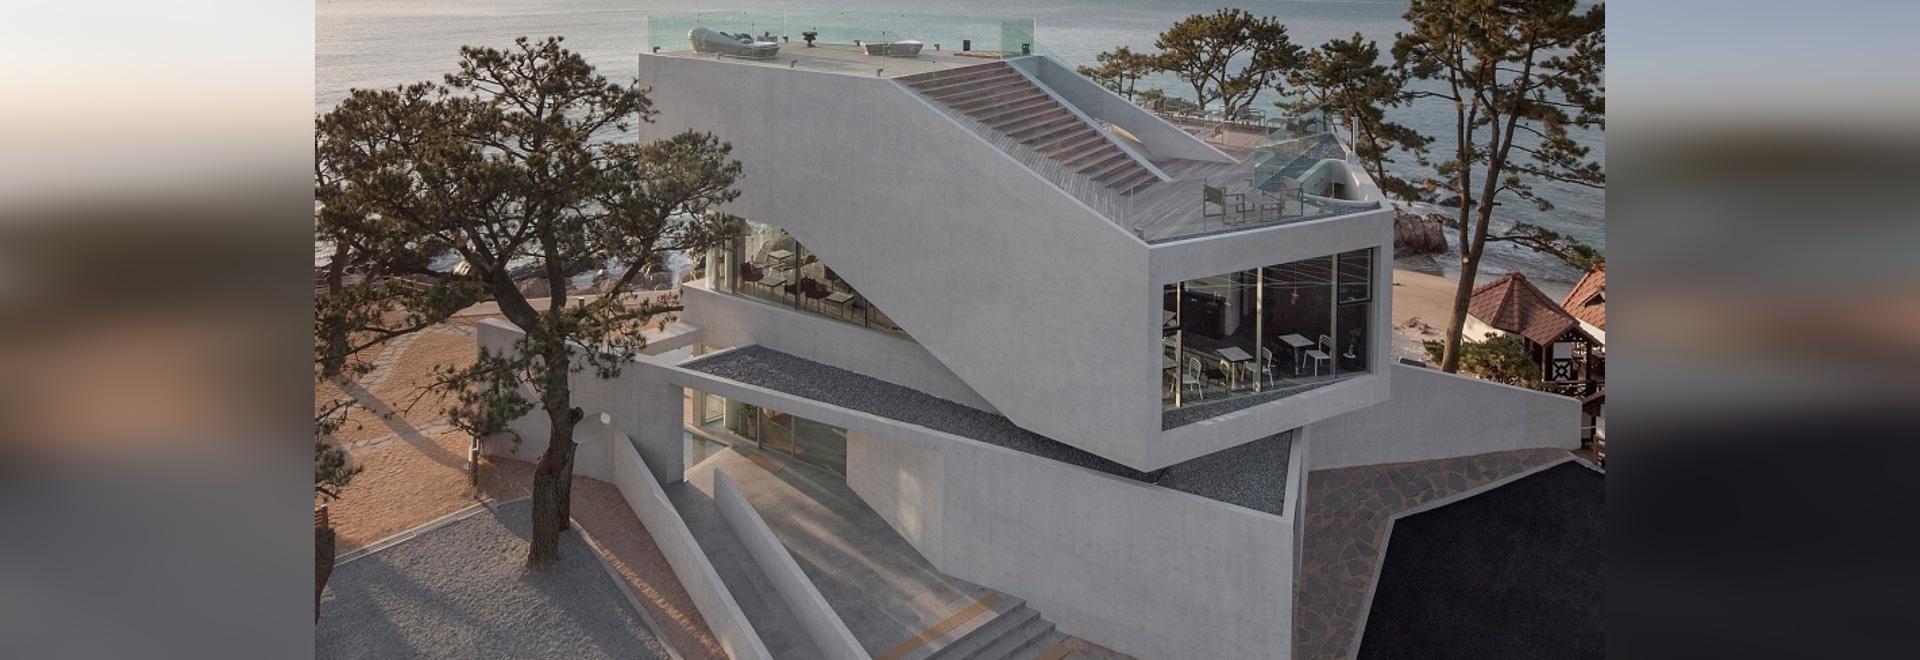 Höflichkeit von IDMM-Architekten